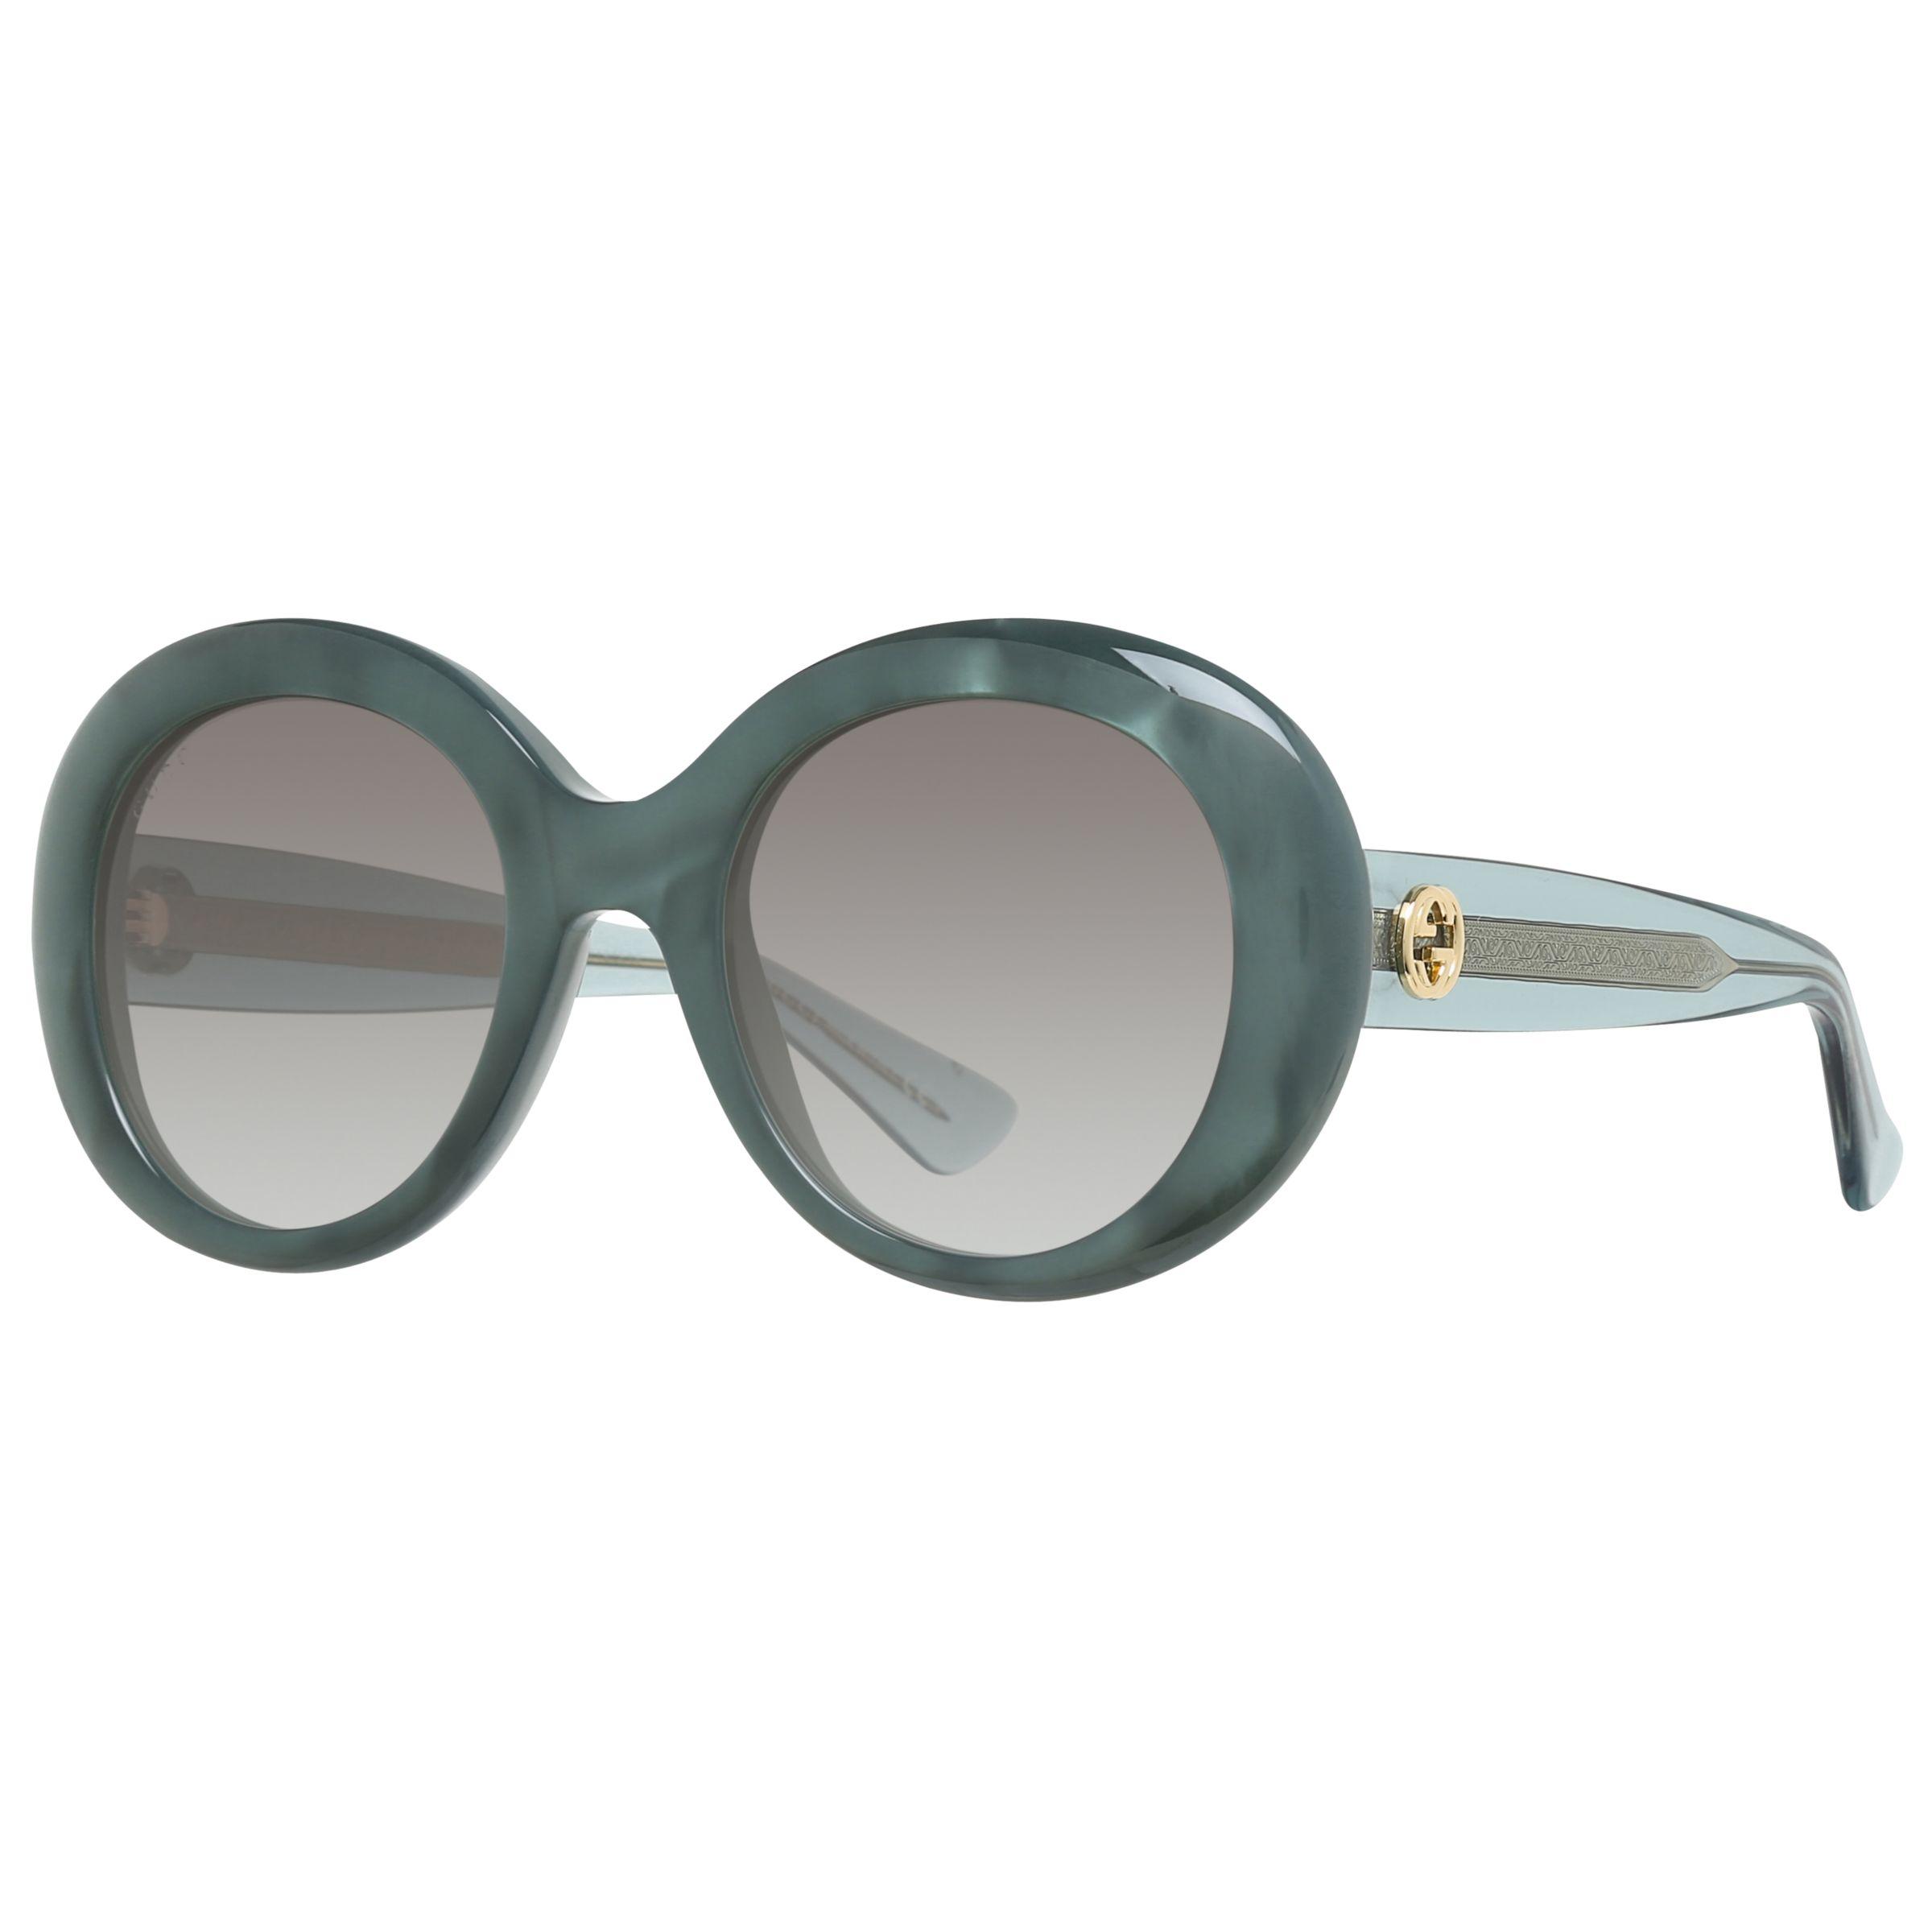 082f20121090d Gucci GG 3815 S Round Sunglasses